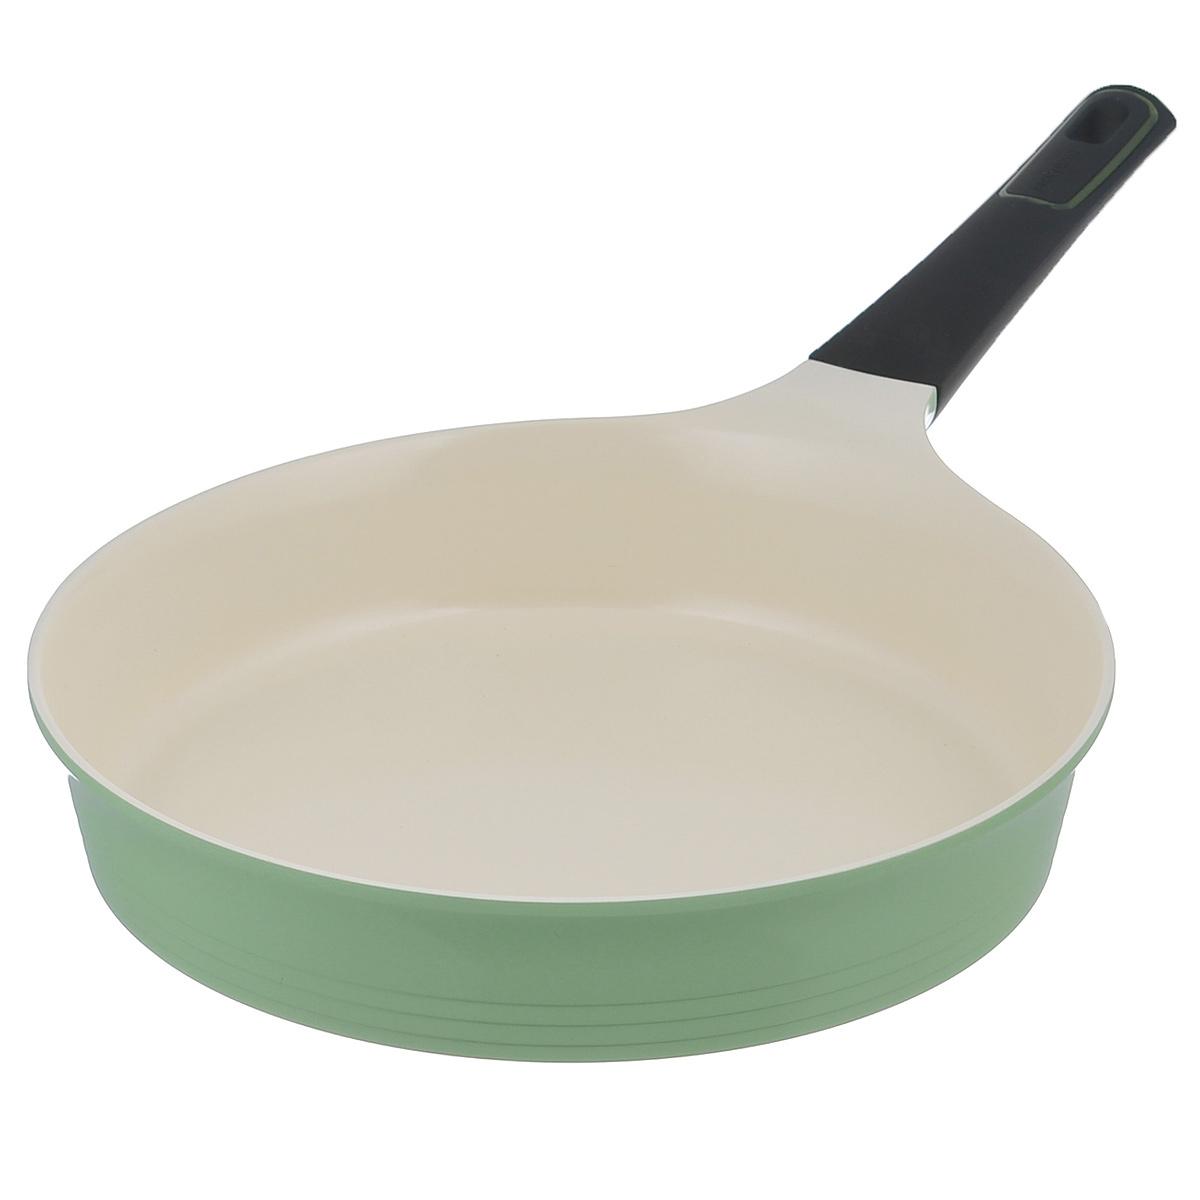 Сковорода Frybest Evergreen, с керамическим покрытием, цвет: зеленый. Диаметр 28 см00000002743Сковорода Frybest Evergreen выполнена из литого алюминия с инновационным керамическим покрытием Ecolon, в производстве которого используются природные материалы - камни и песок.Особенности сковороды Frybest Evergreen:- мощная основа из литого алюминия,специальное утолщенное дно для идеальной теплопроводности,- эргономичная, удлиненная Soft-touch ручка всегда остается холодной,- керамическое антипригарное покрытие, позволяющее готовить практически без масла,- керамика как внутри, так и снаружи, легко готовить - легко мыть,- непревзойдненная прочность и устойчивость к царапинам,- слой анионов (отрицательно заряженных ионов), обладающих антибактериальными свойствами, они намоного дольше сохраняют приготовленную пищу свежей,- отсутствие токсичных выделений в процессе приготовления пищи,- изысканное сочетание зеленого внешнего и нежного кремового внутреннего керамического покрытия. Сковорода подходит для использования на стеклокерамических, газовых, электрических плитах. Можно мыть в посудомоечной машине. Характеристики:Материал: алюминий, керамическое покрытие, бакелит. Цвет: зеленый, кремовый. Внутренний диаметр сковороды: 28 см. Диаметр диска сковороды: 25,5 см. Высота стенки сковороды: 5,9 см. Толщина стенки сковороды: 3 мм. Толщина дна сковороды: 5 мм. Длина ручки сковороды: 19 см. Размер упаковки: 50 см х 29 см х 6 см. Артикул: 00000002743.